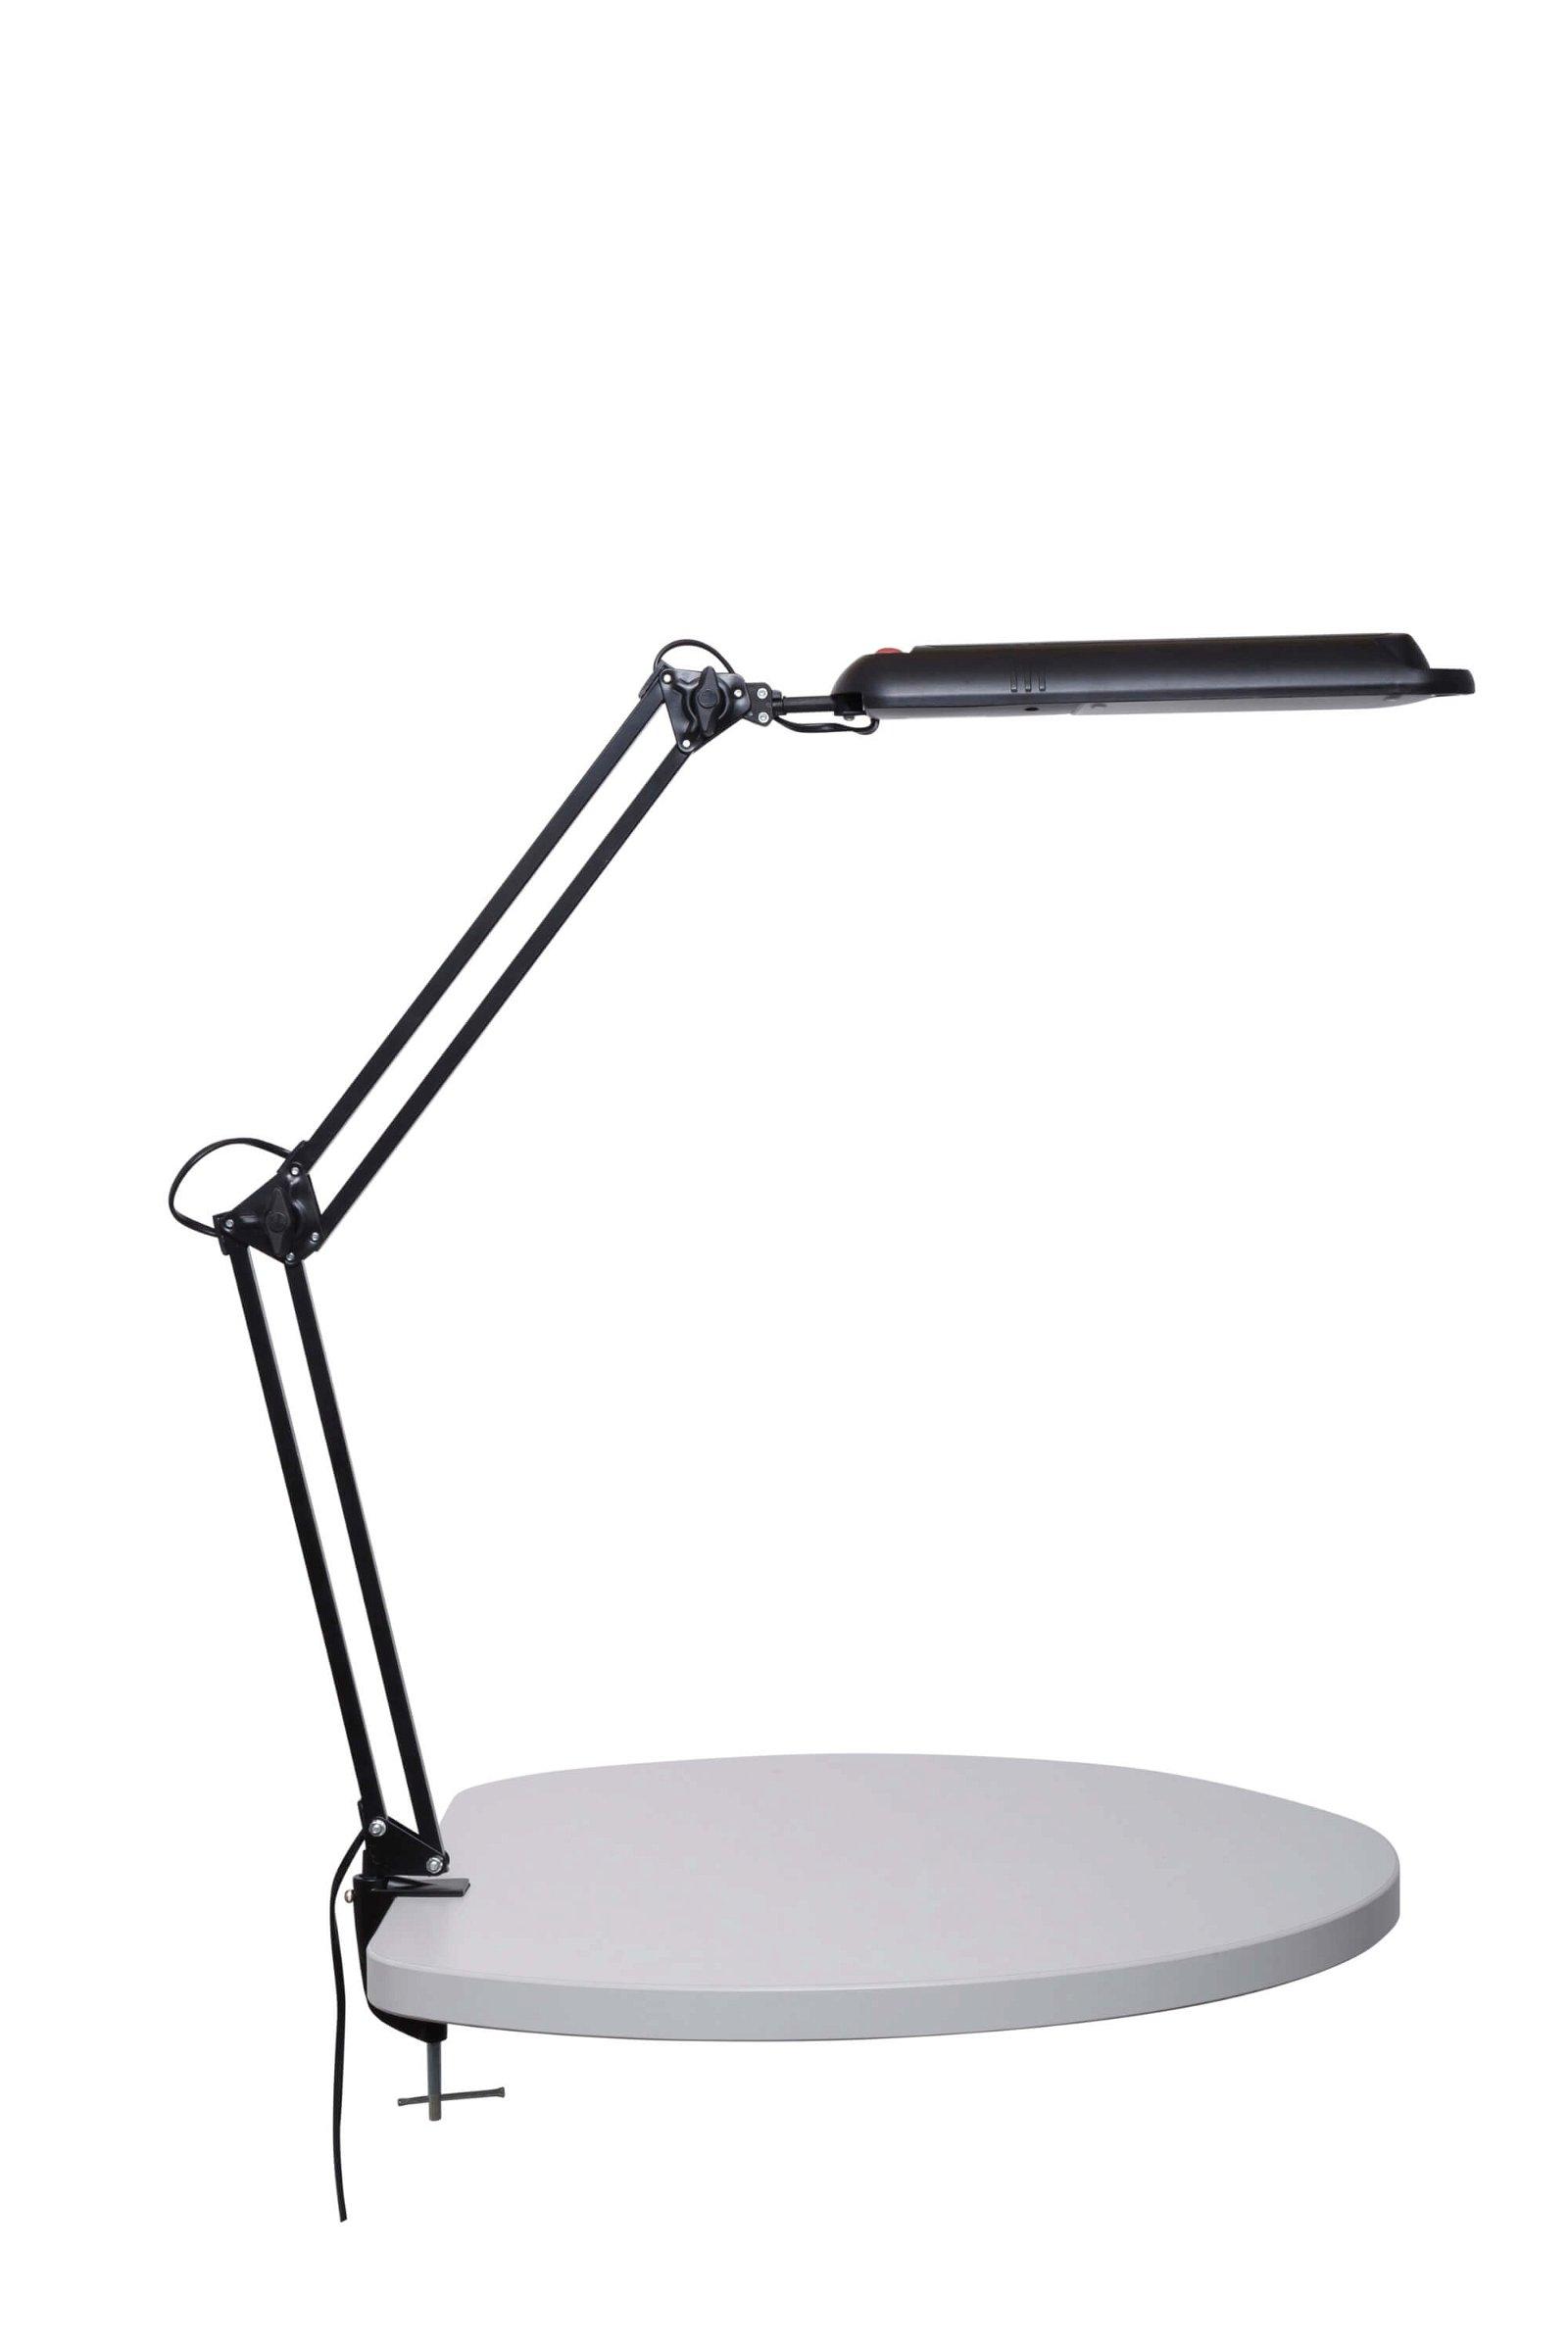 Energiespar-Tischleuchte MAULatlantic, mit Klemmfuß, schwarz